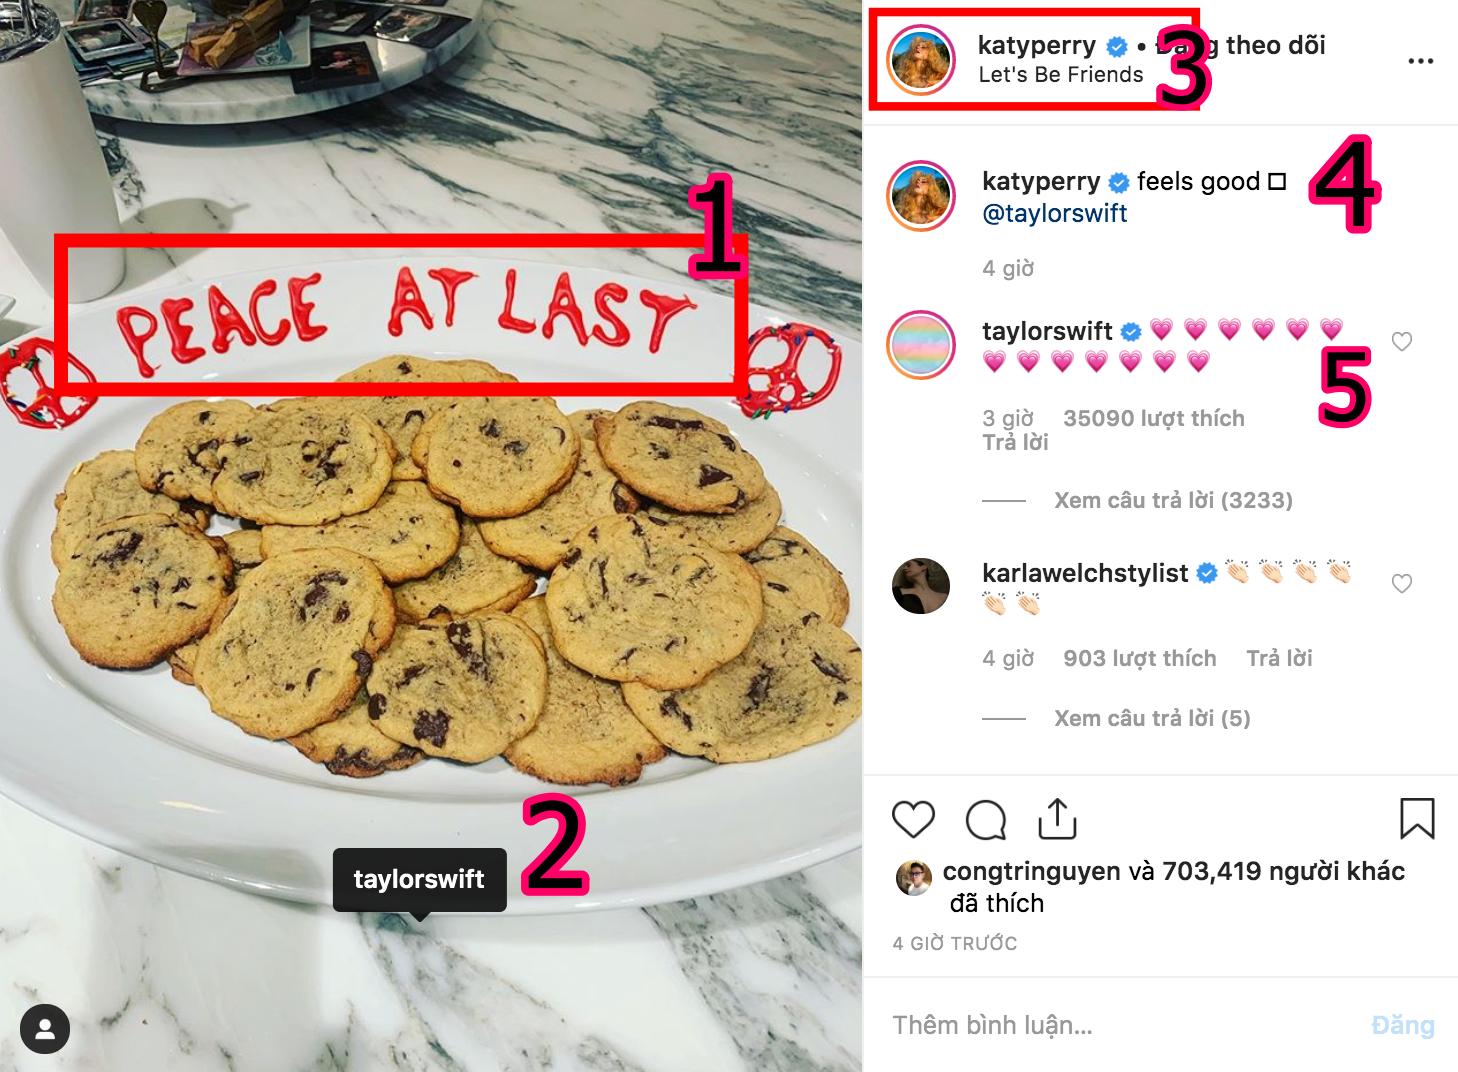 Nhờ dăm ba miếng bánh, Taylor Swift và Katy Perry đã chị em tay bắt mặt mừng lập lại hoà bình rồi đây này! - Ảnh 2.